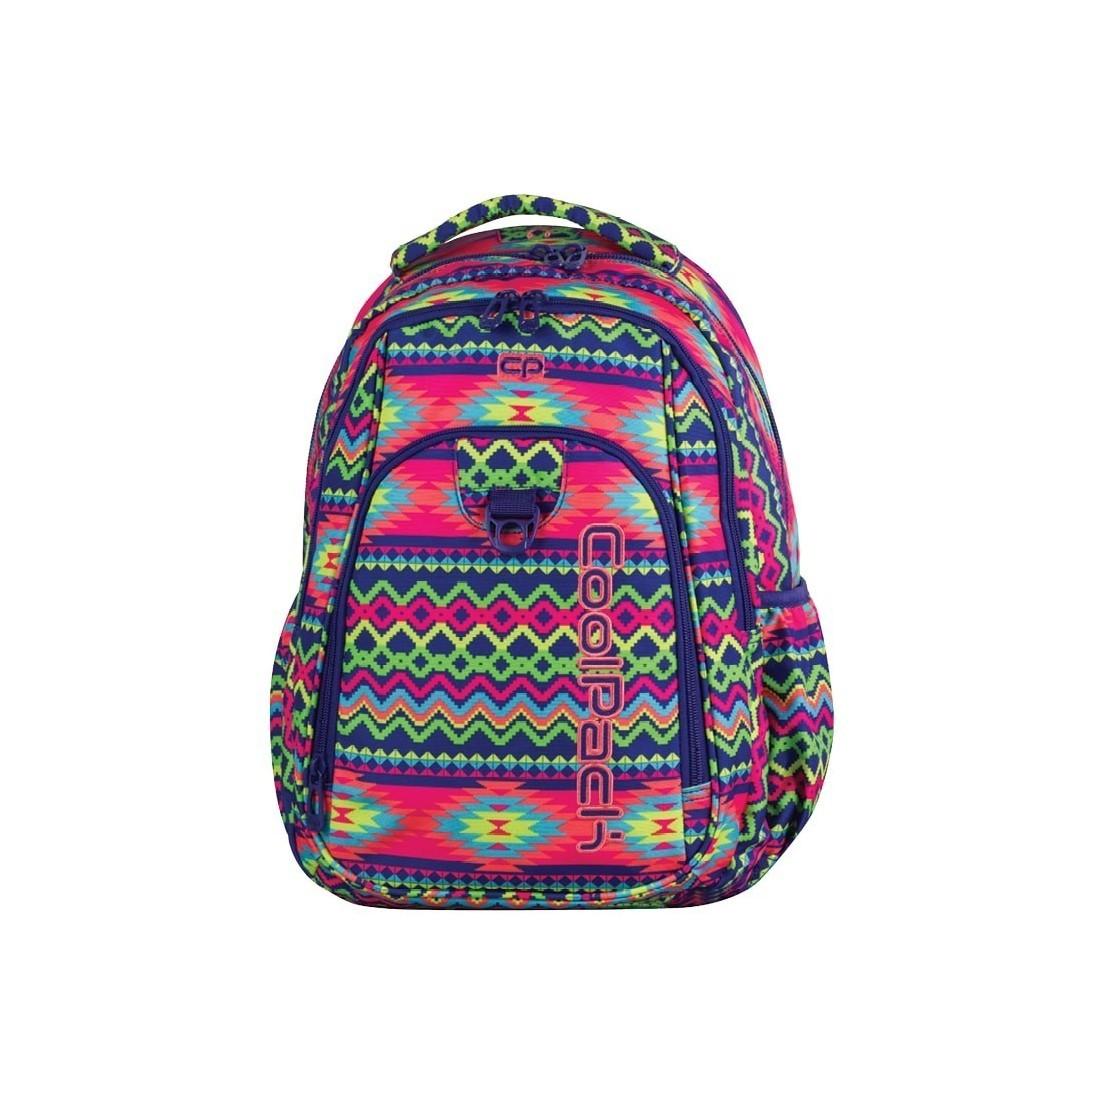 7627b70f2d69f Plecak młodzieżowy CoolPack CP STRIKE BOHO ELECTRA 781 Aztec Boho